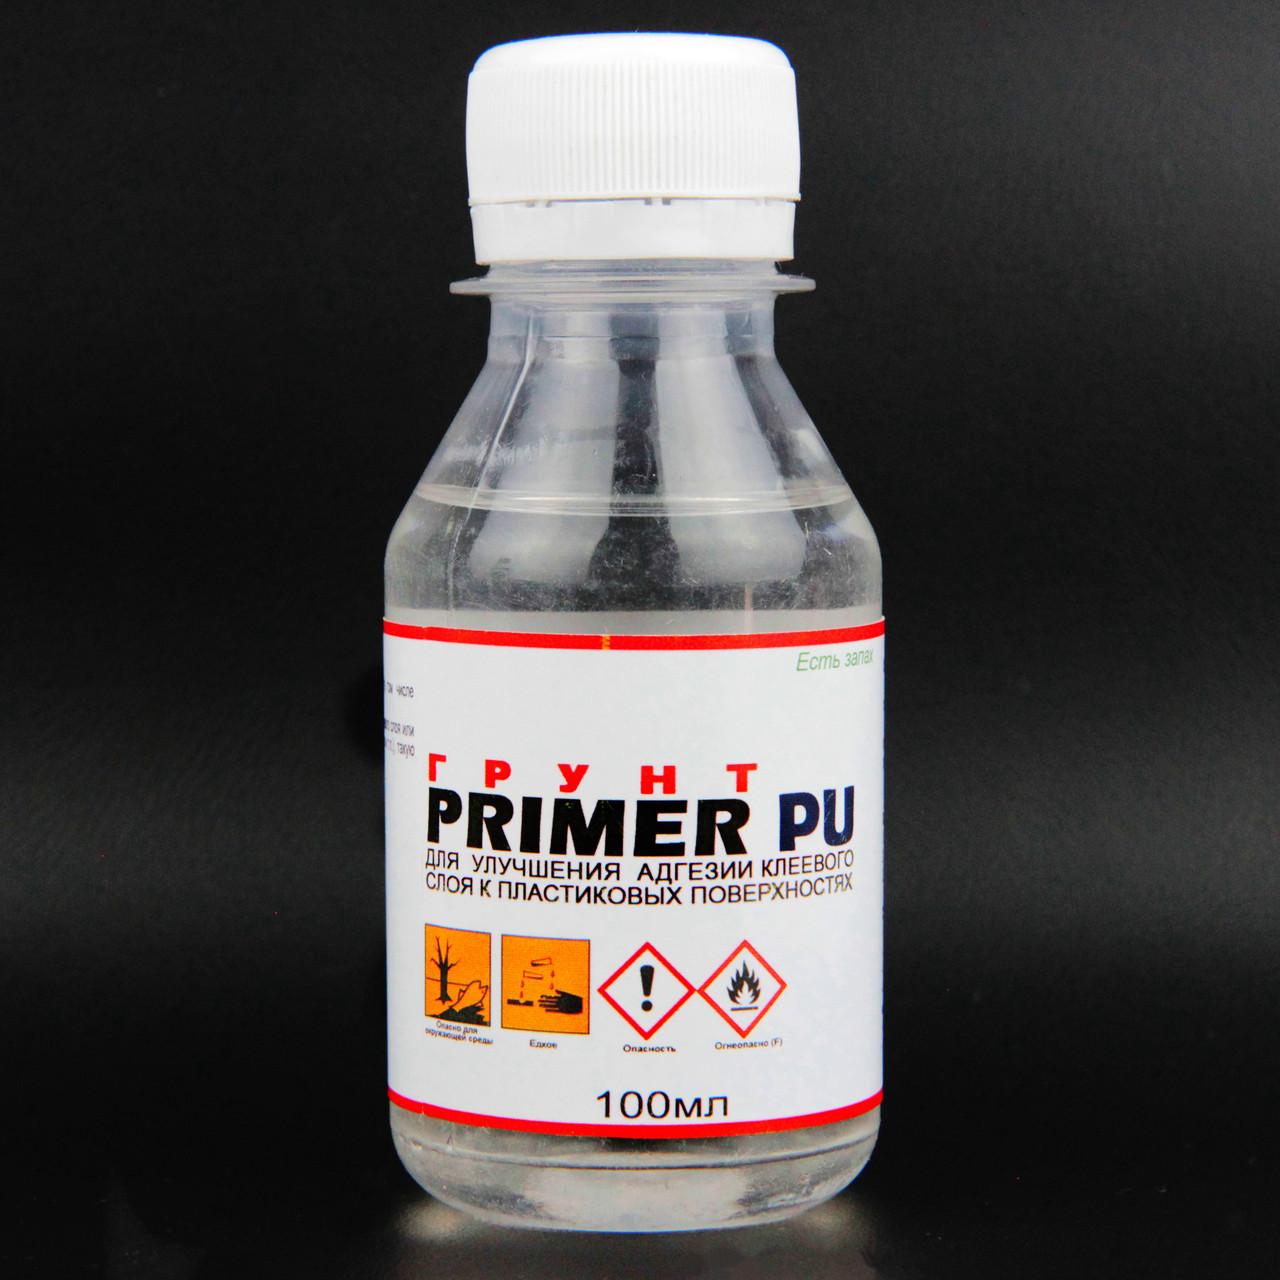 Грунт по пластмассе Primer PU, для улучшения адгезии клеевого слоя пластиковых  поверхностей 100мл